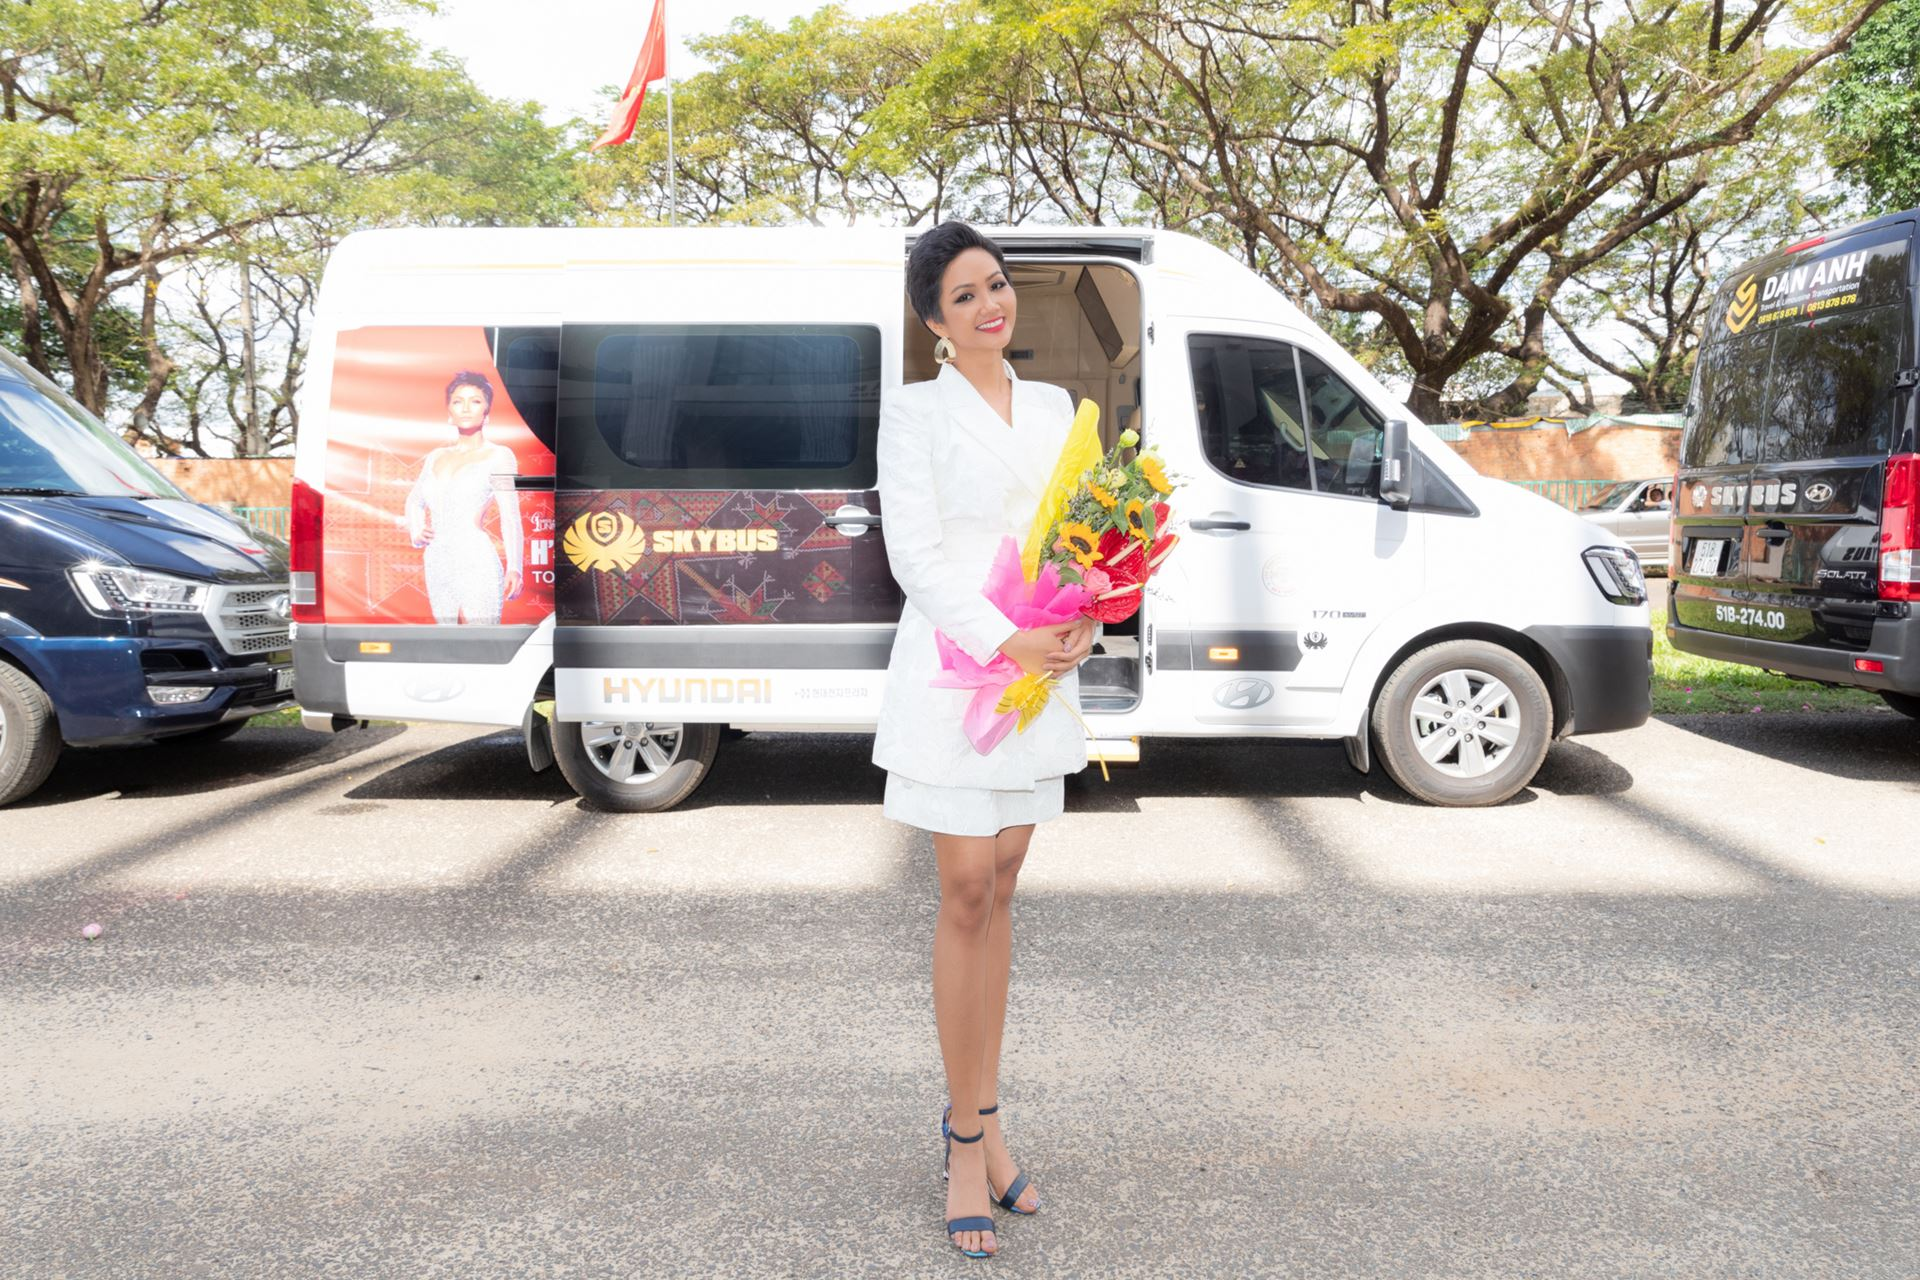 Hoa Hậu Hoàn Vũ H'Hen Niê và xe limousine Skybus